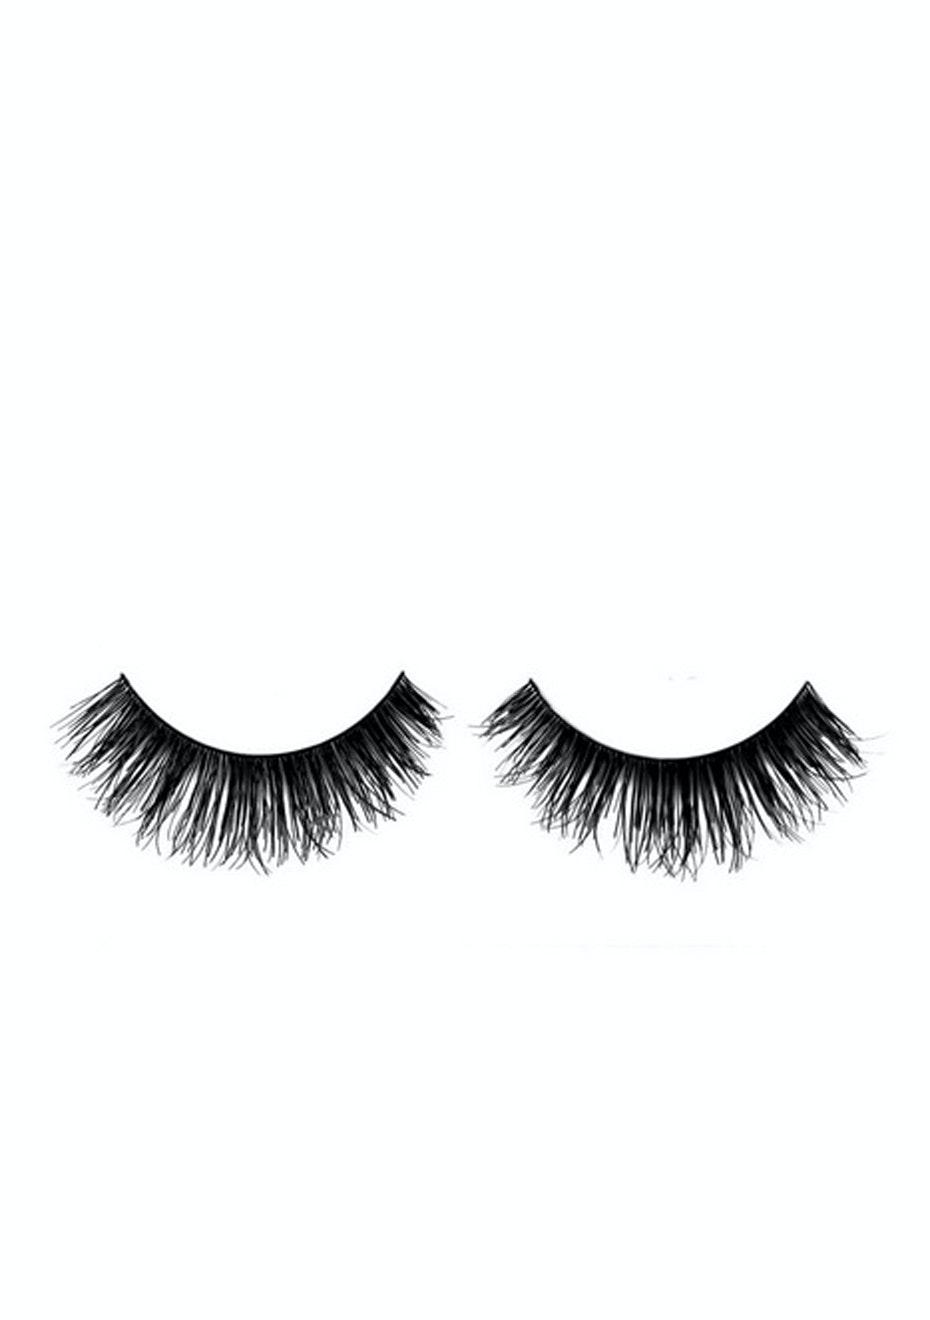 BLINQUE - Fake Eyelashes - 605